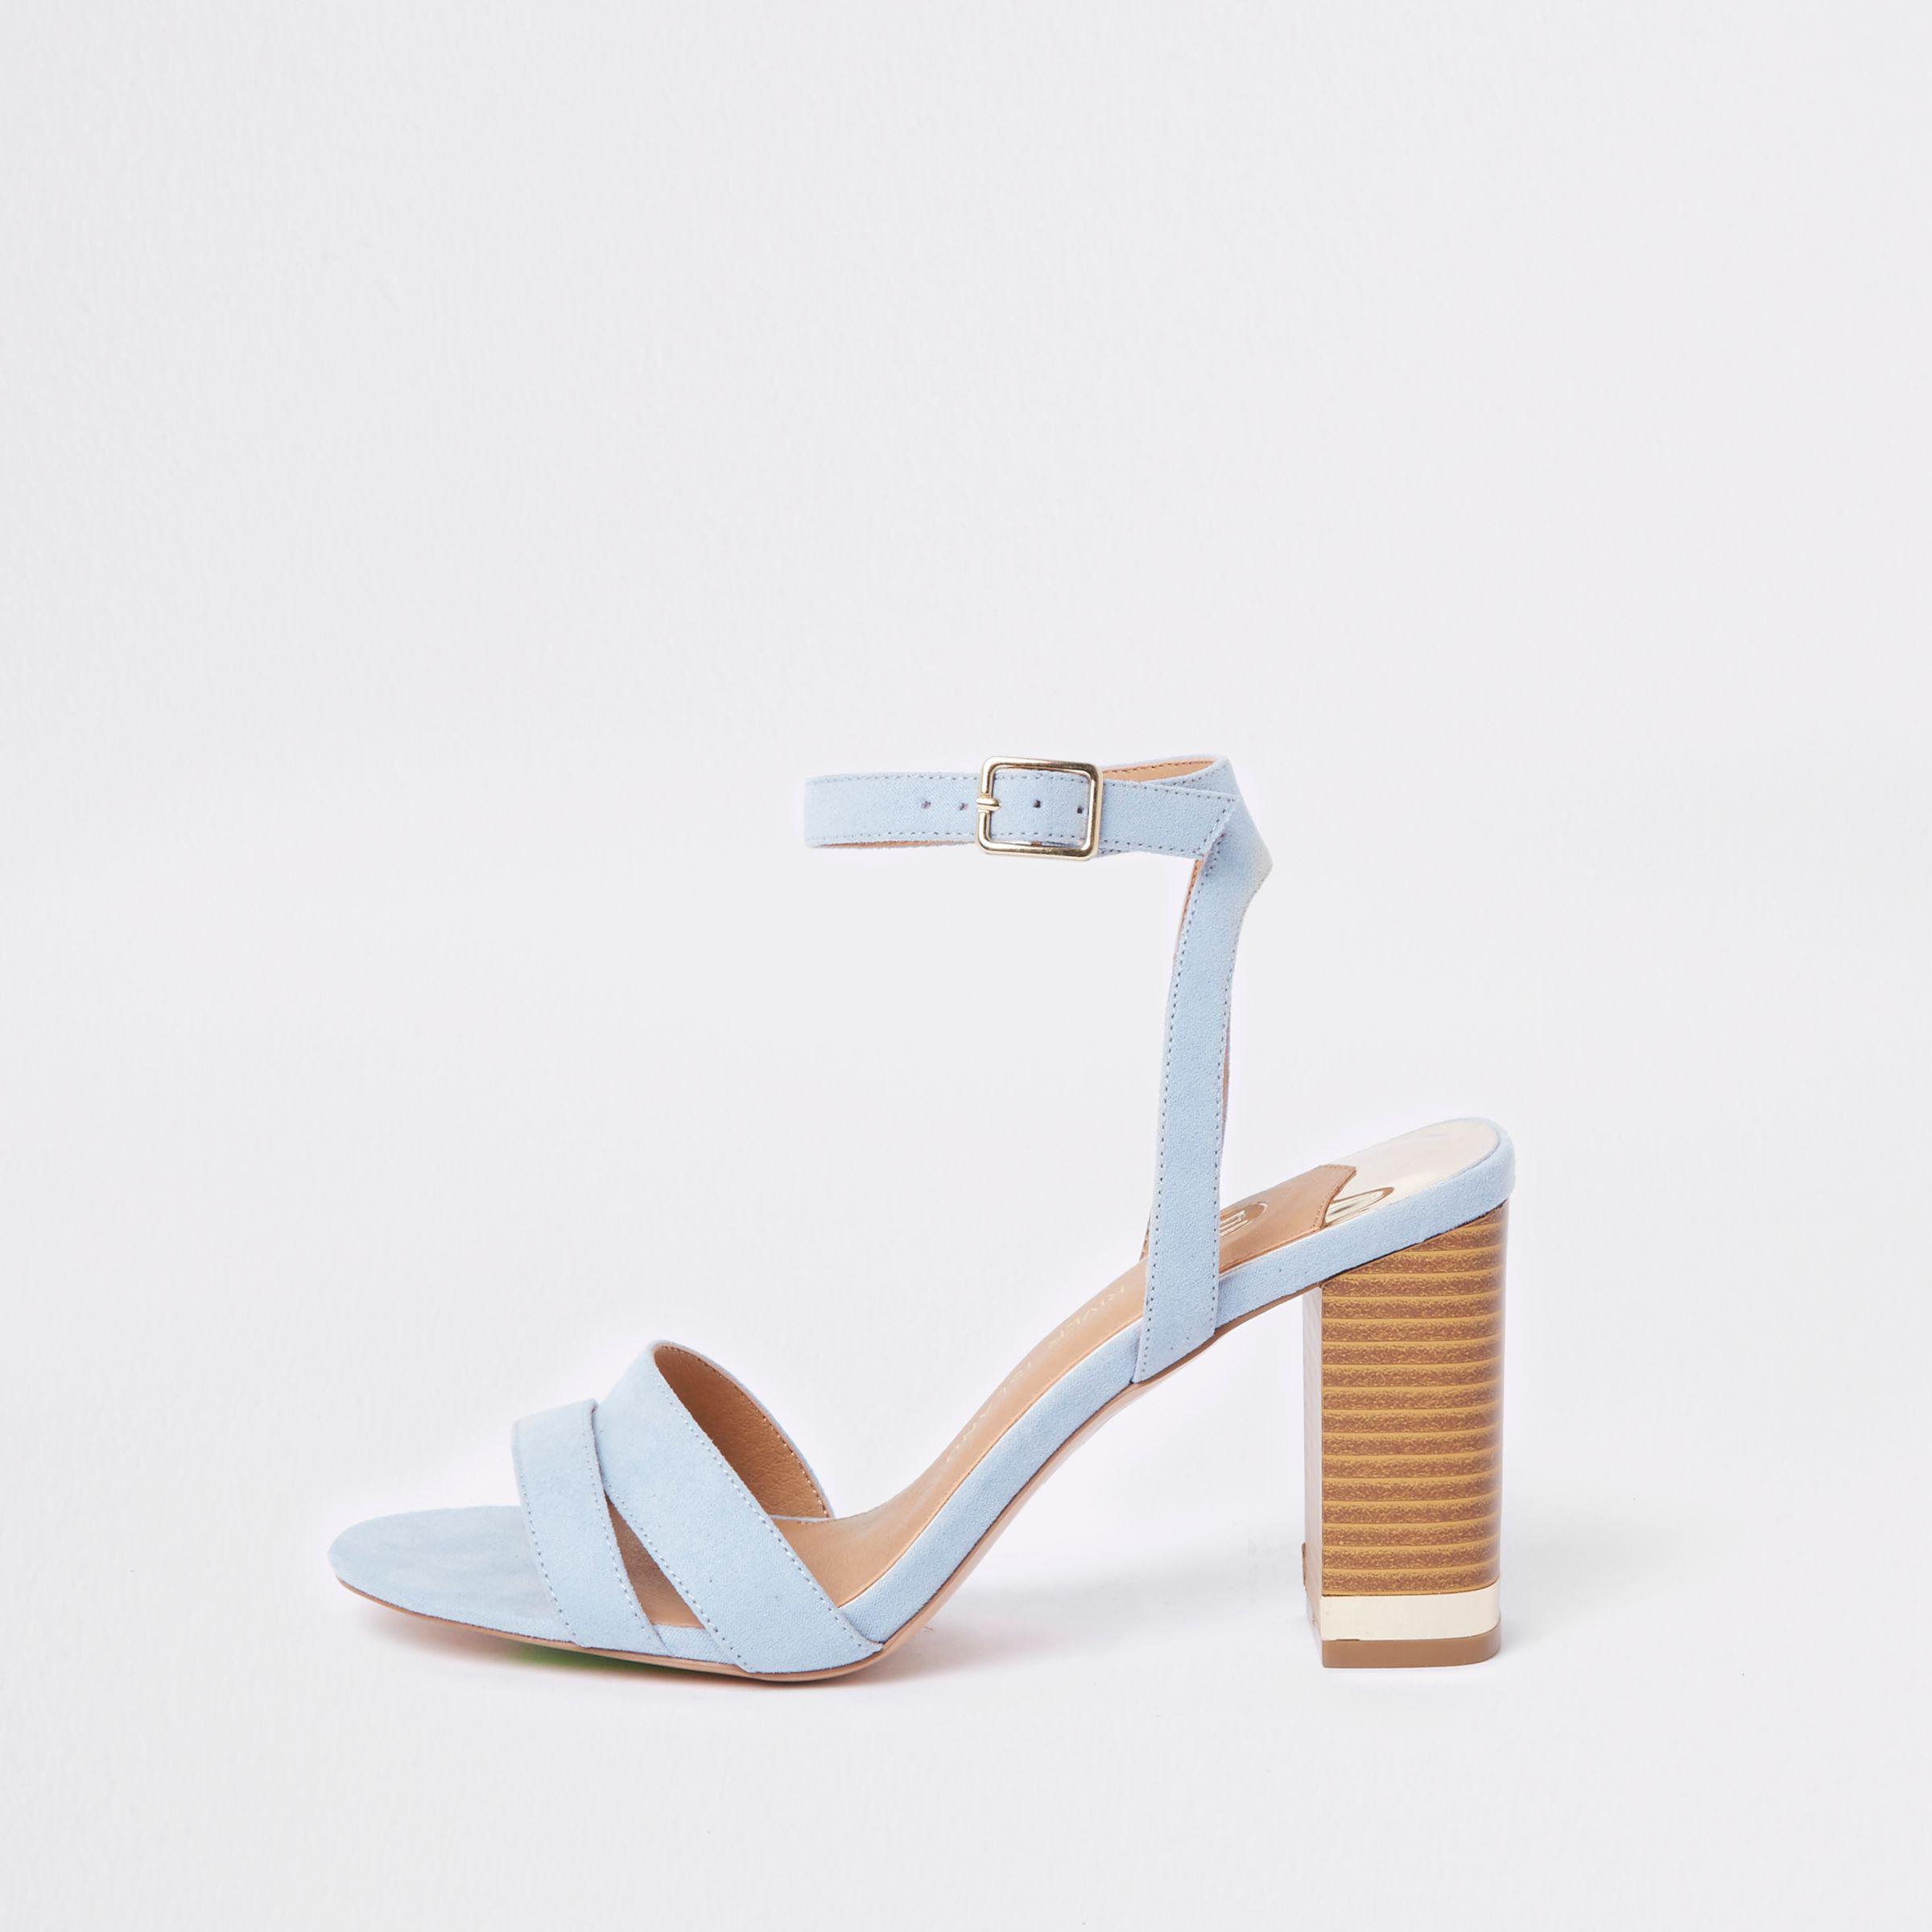 Suede Light Blue Block Heel Sandals